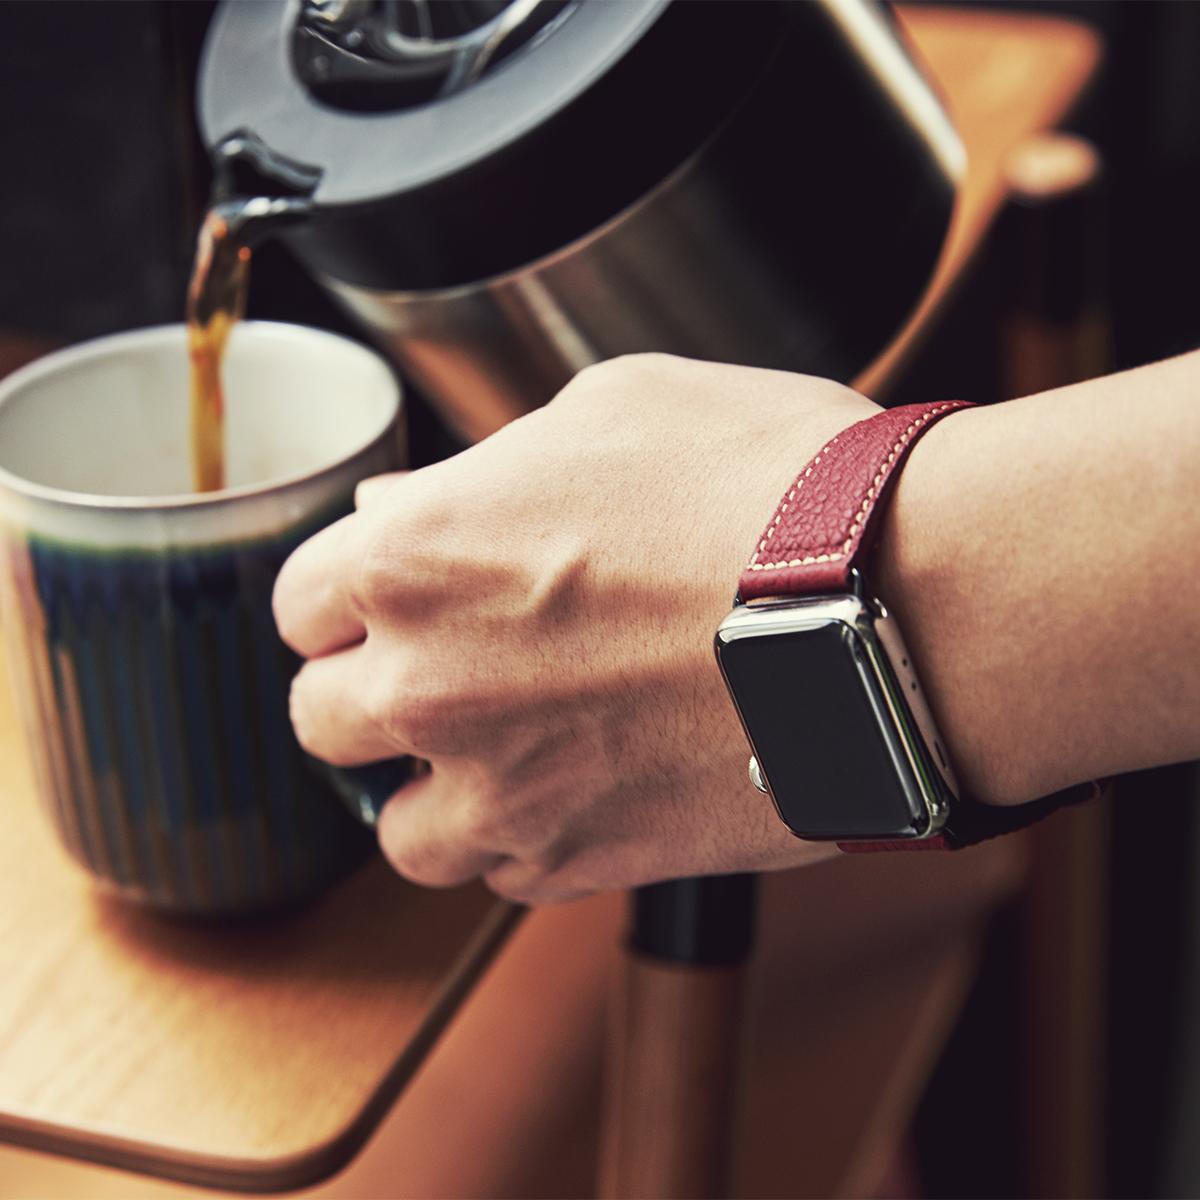 アクティブな大人の腕元を品よく引き立てる。仕事や会食、ハレの日に、Apple Watchで洗練された腕元を演出する「Apple Watchバンド」|EPONAS(エポナス)